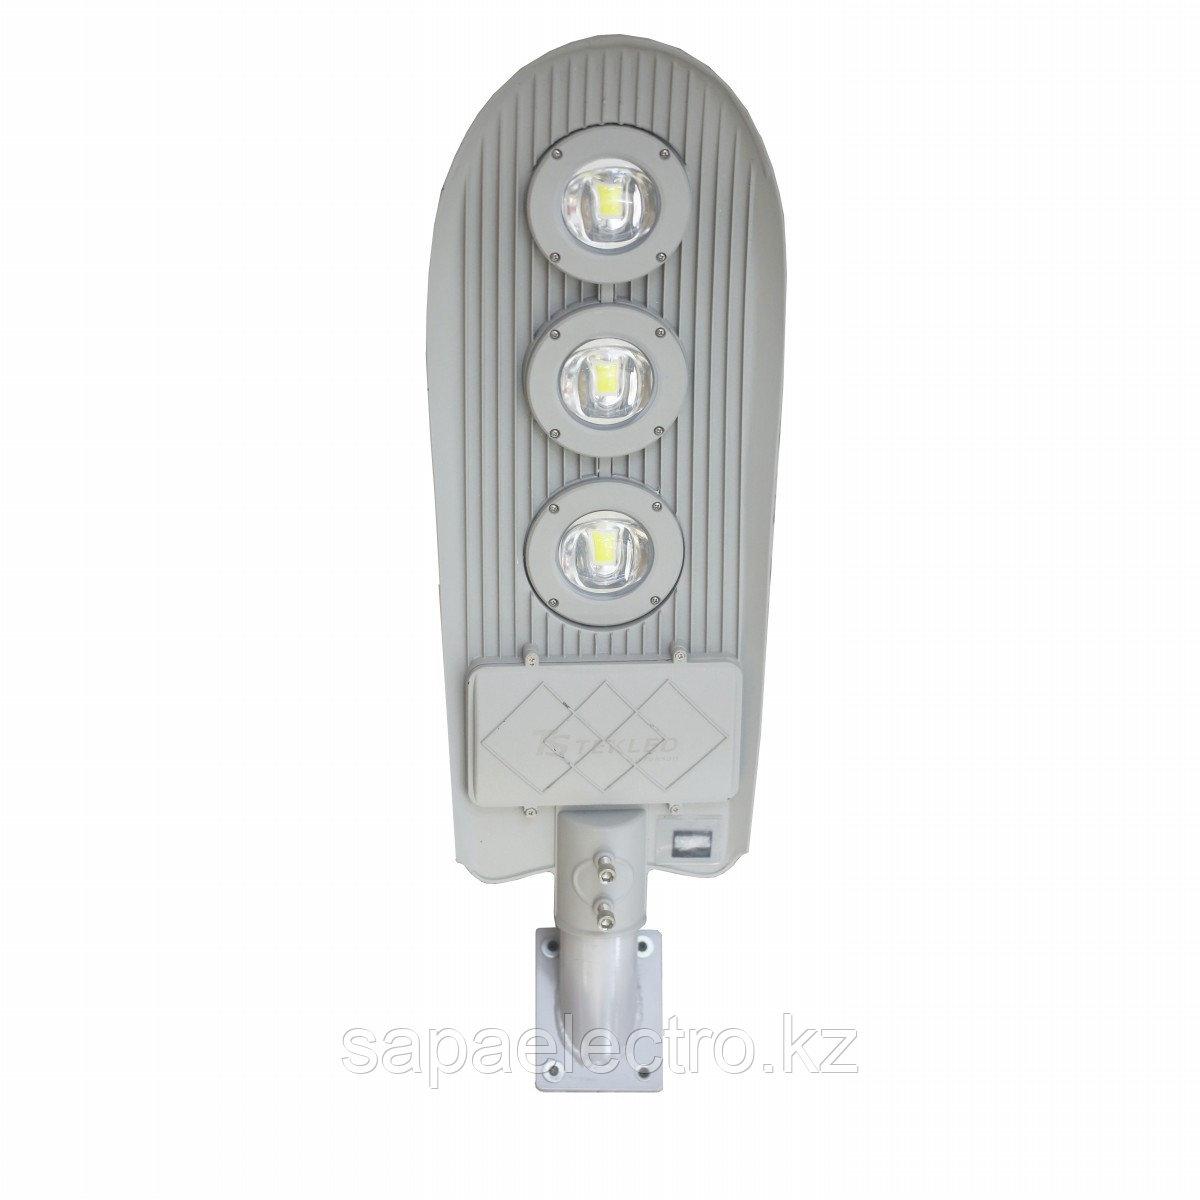 Sv-k  RKU COBRA LED COB LE042B 150W 6000K (TT) 2sh